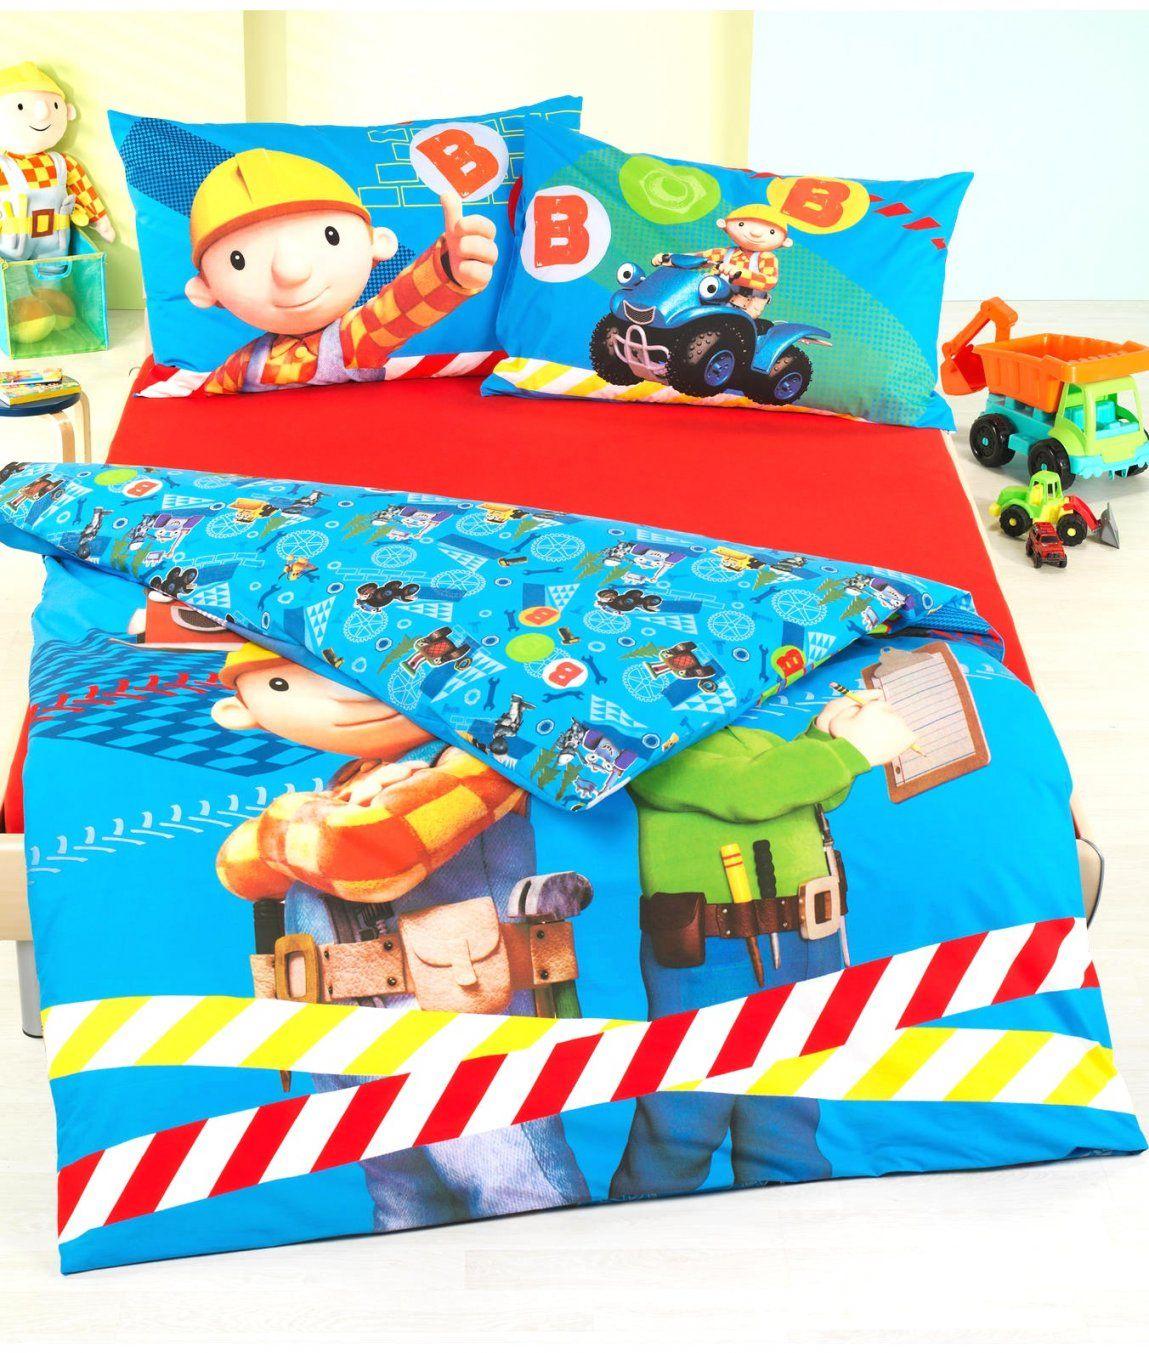 Fabulous Inspiration Bob Der Baumeister Bettwäsche Und Schöne Kinder von Bob Der Baumeister Bettwäsche 135X200 Bild